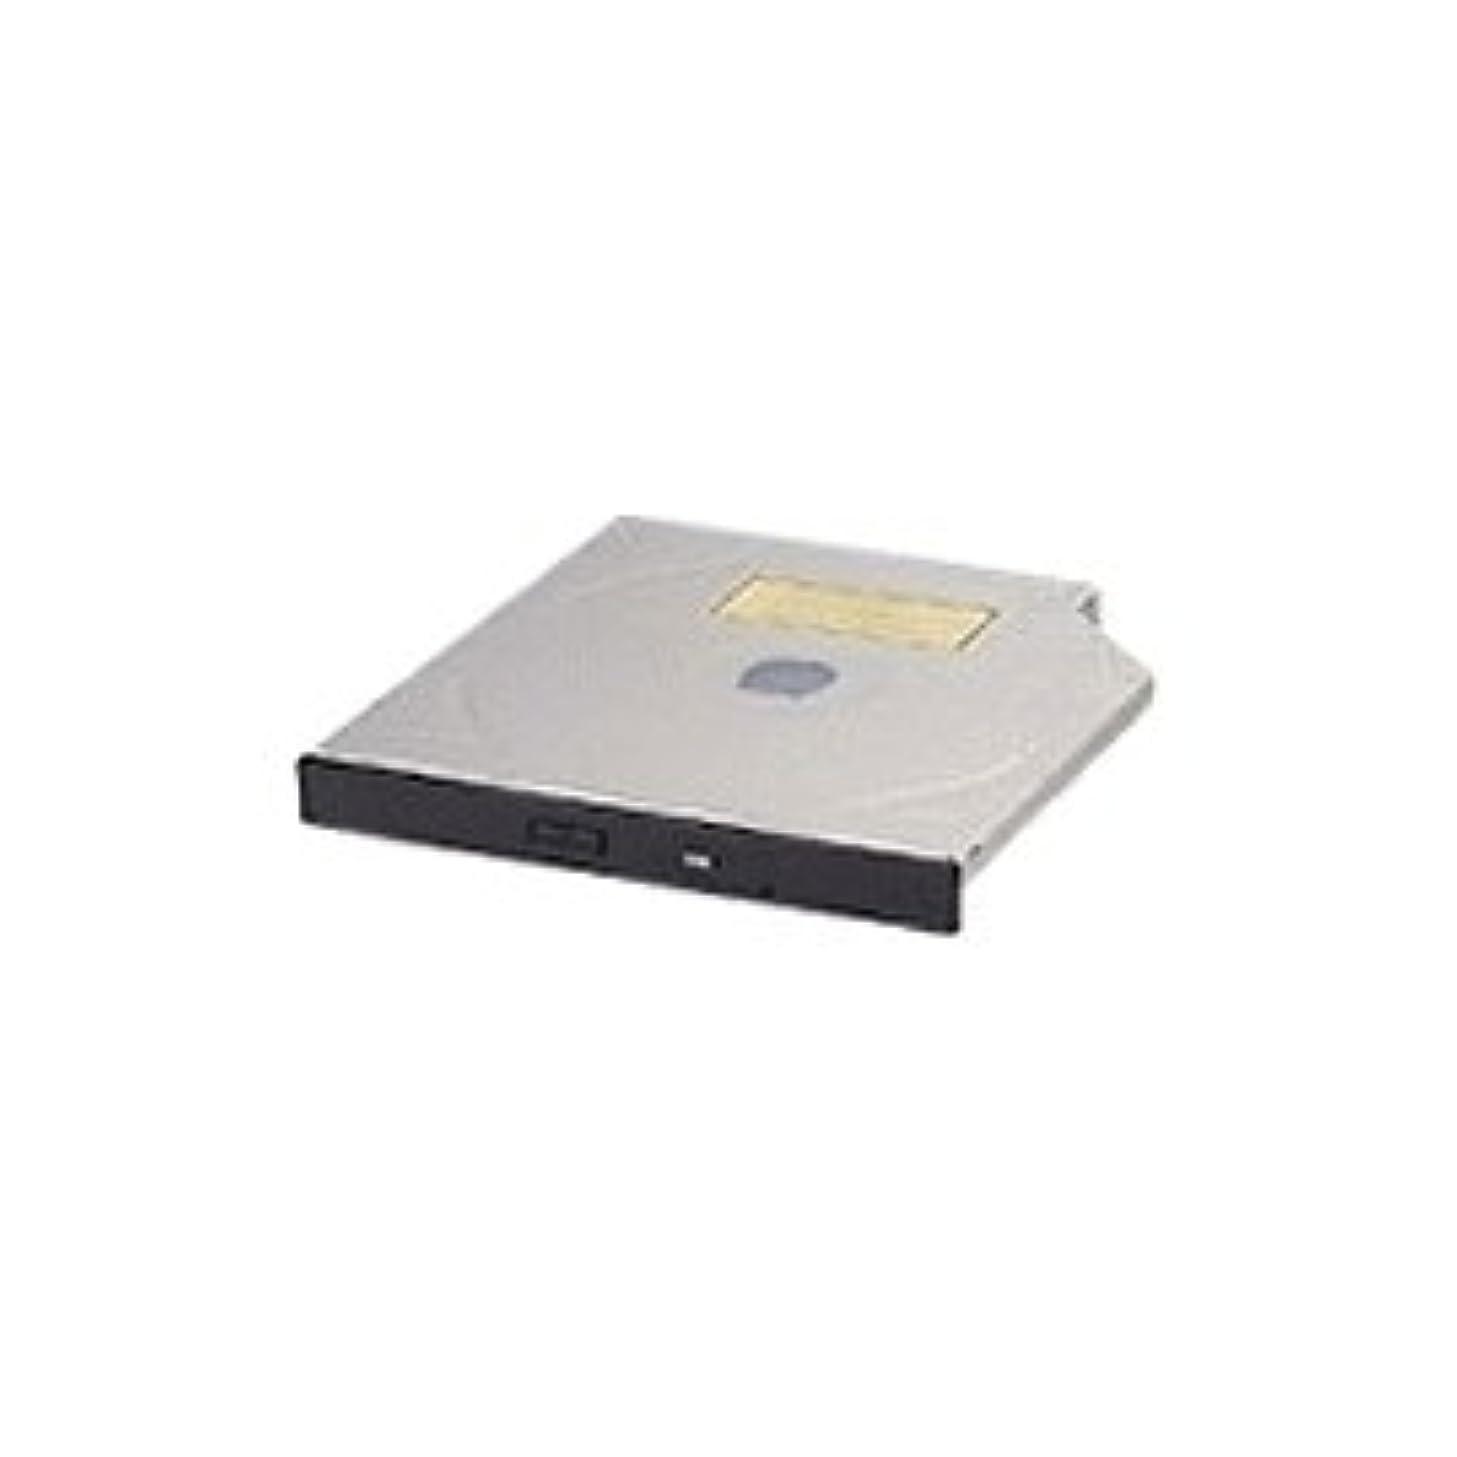 普通の特権的期待するSupermicro dvm-teac-824b 8 xスリムIDE DVD - ROMドライブ(ブラック)